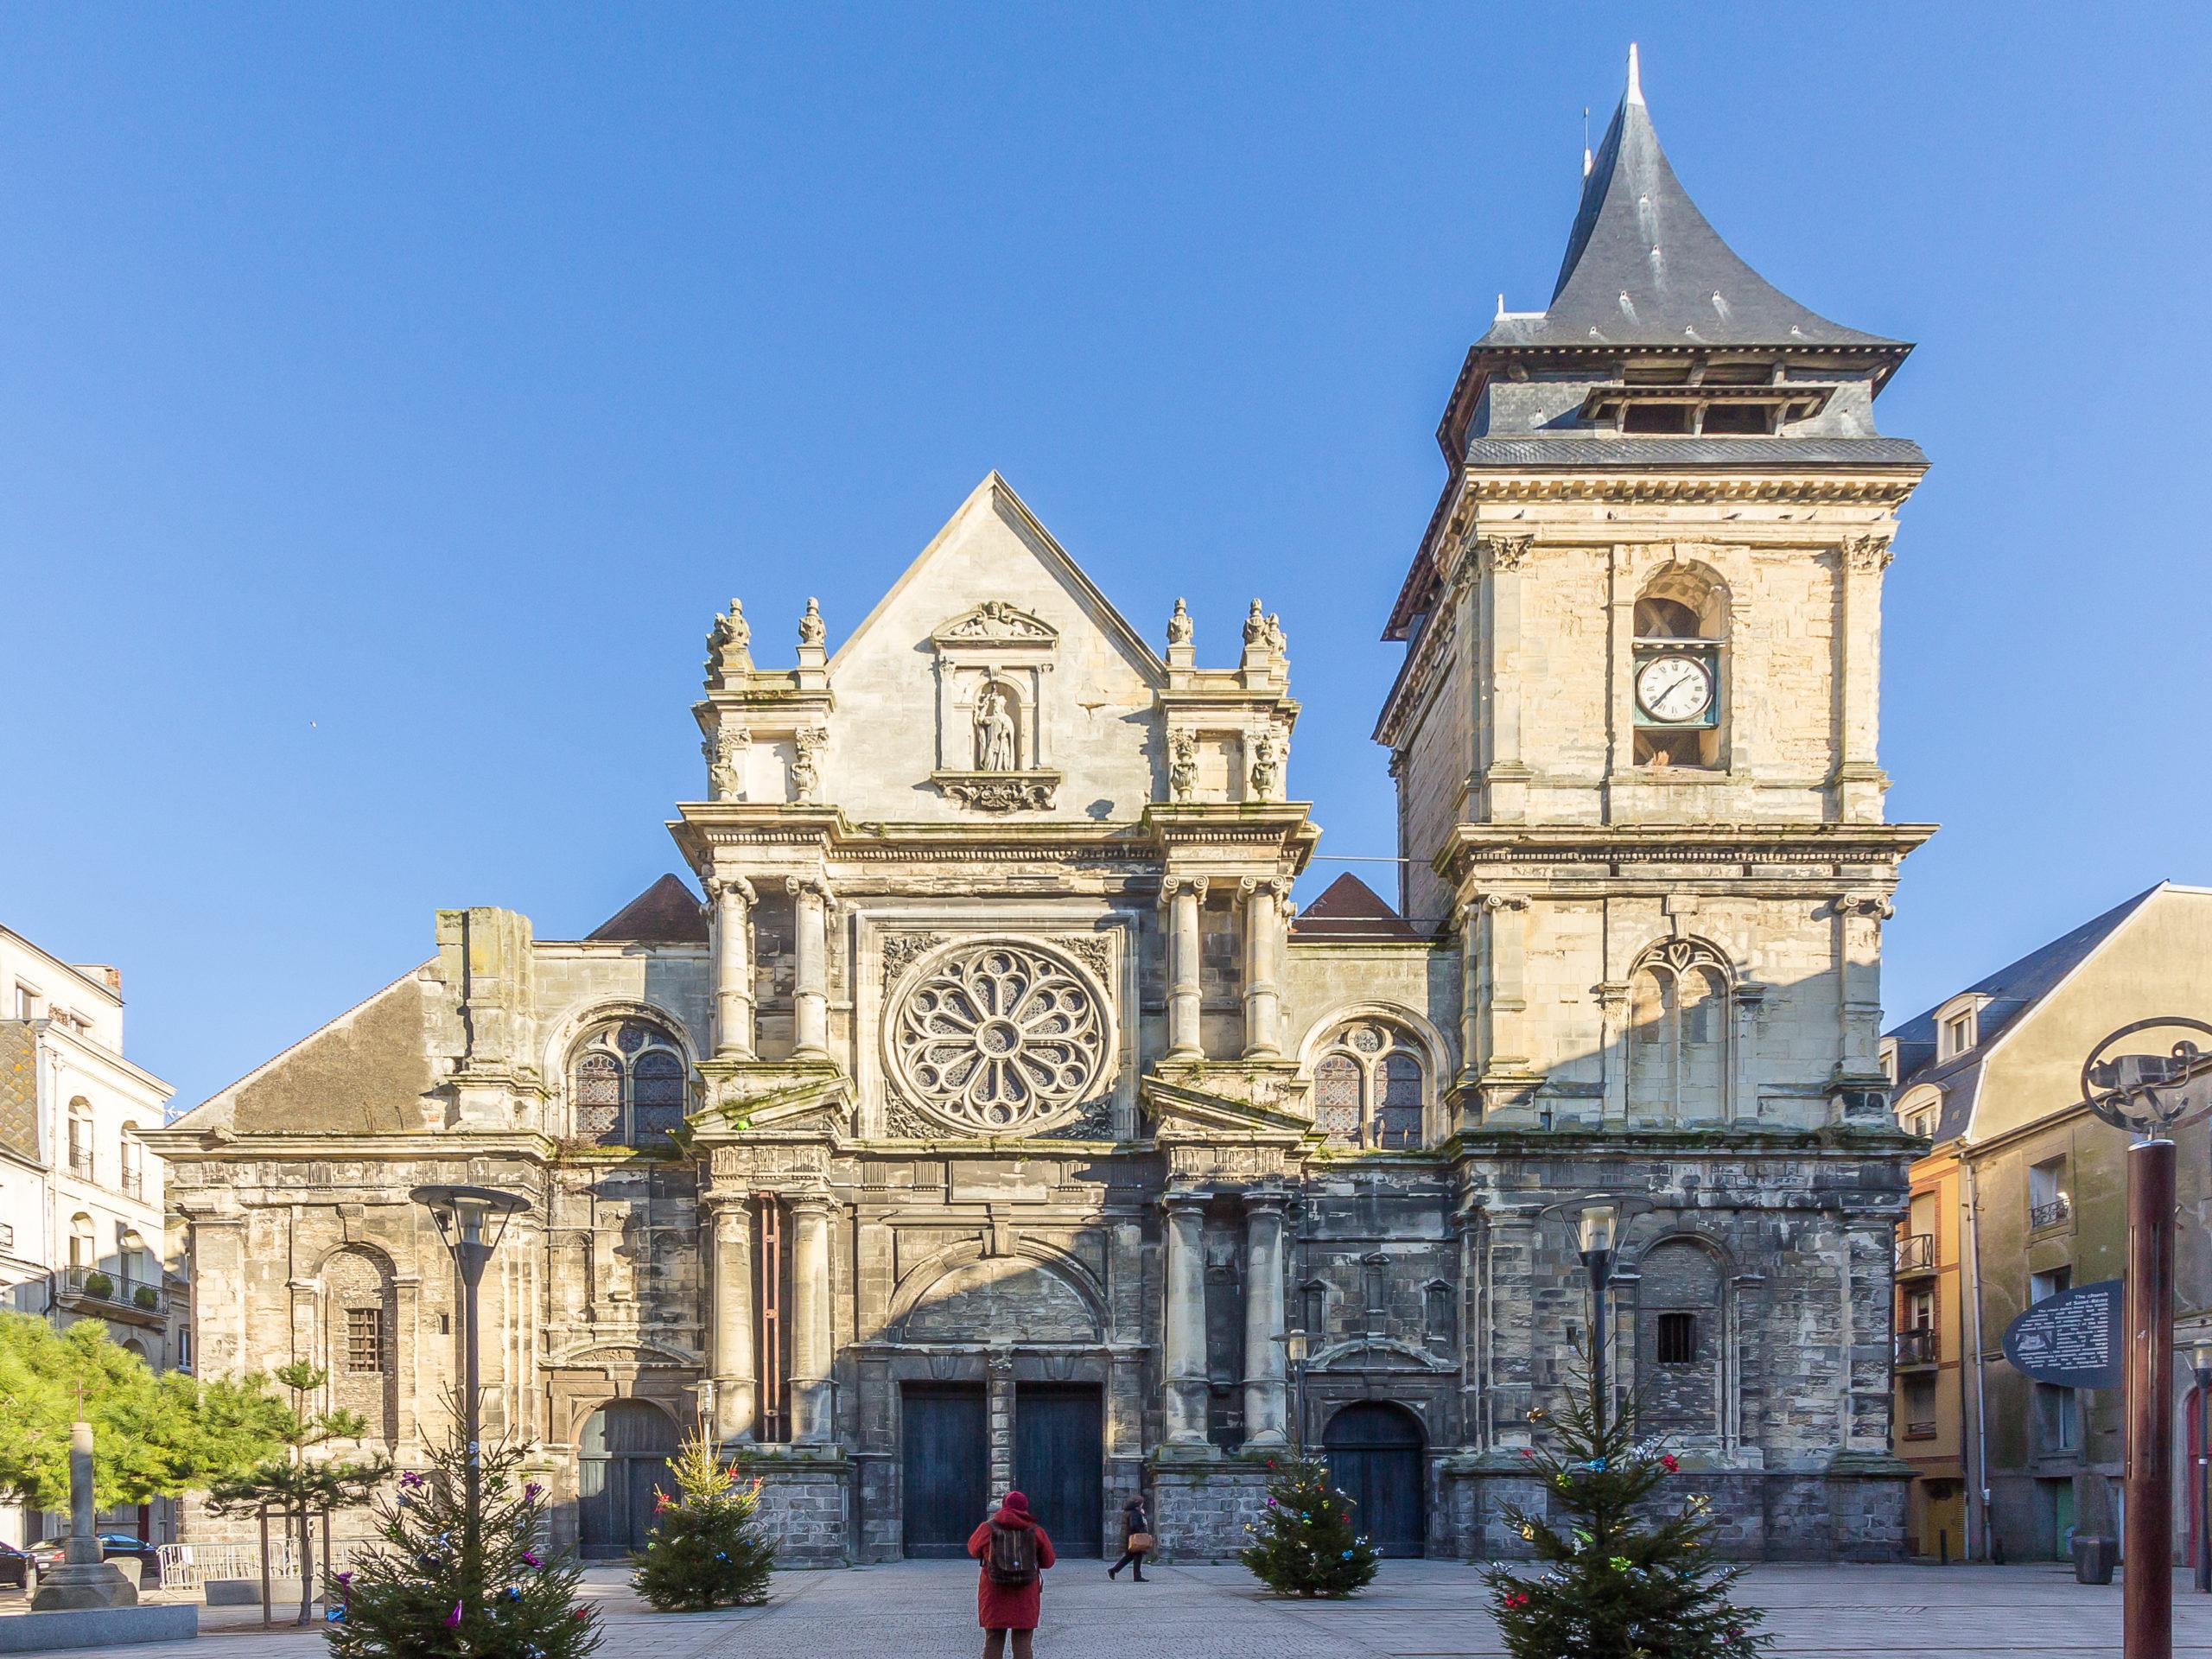 Église Saint-Rémy de Dieppe